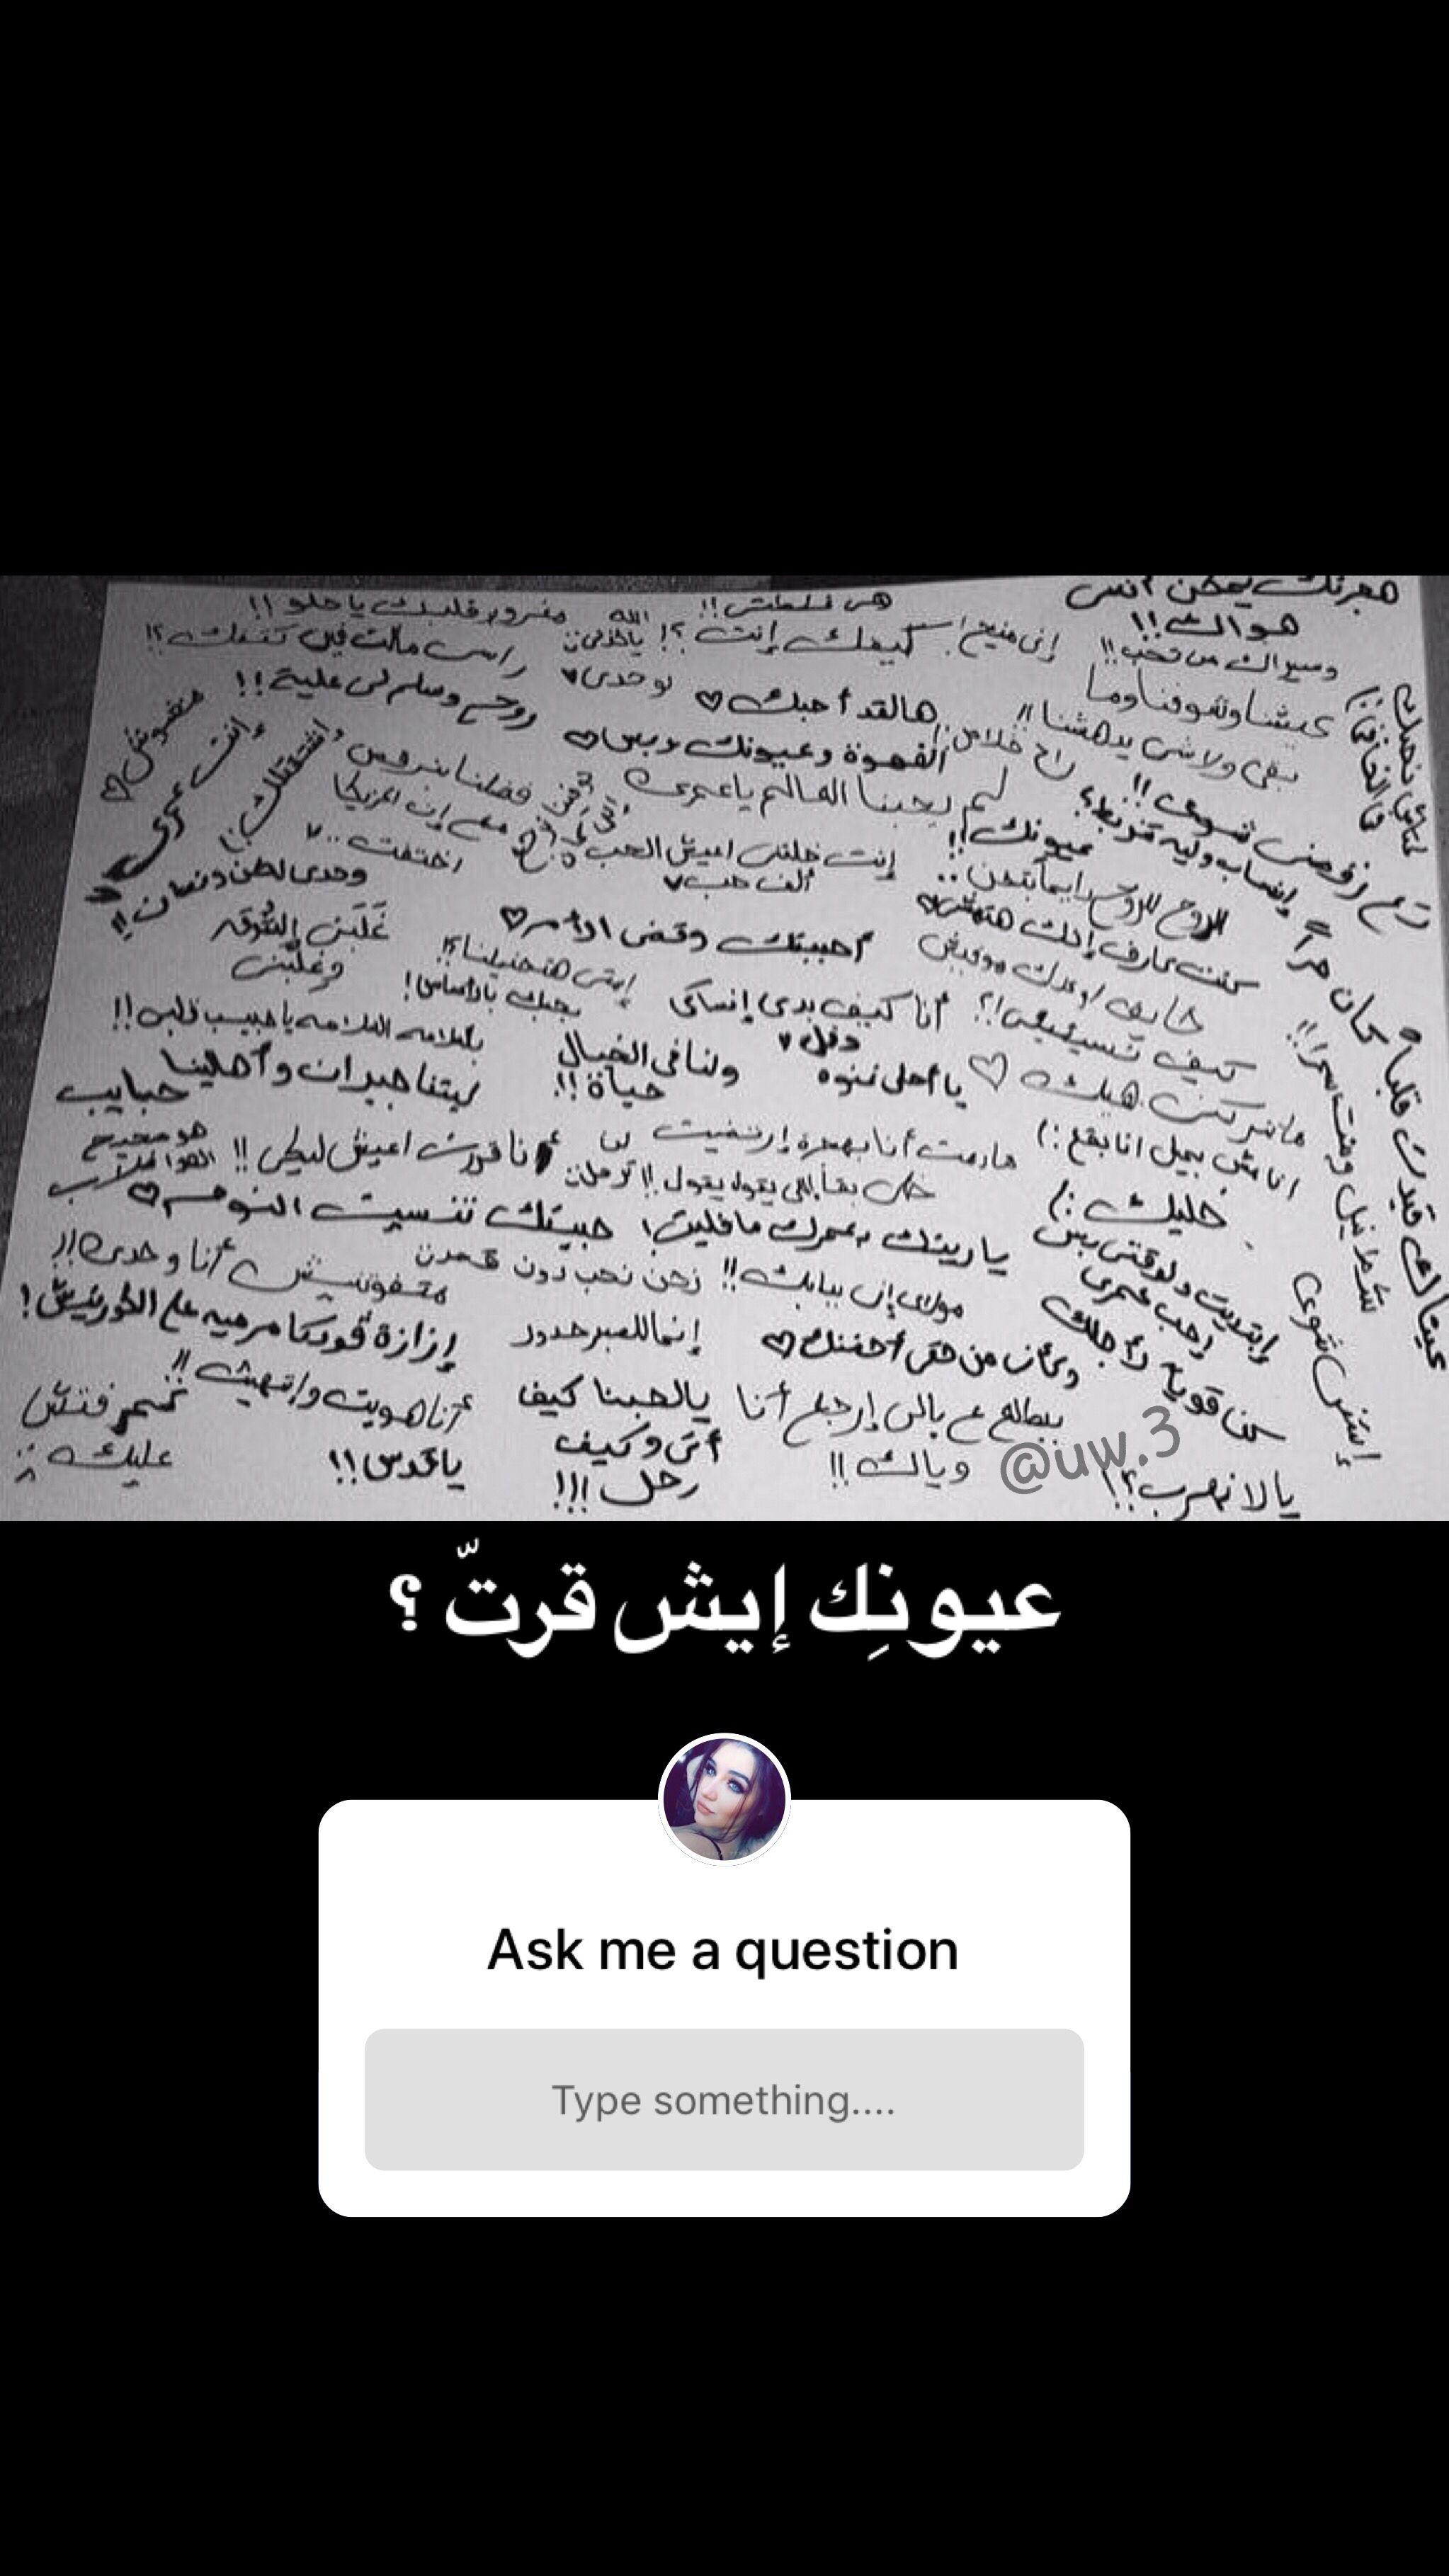 أحببتك وقضى الأمر Instagram Story Questions Instagram Quotes Captions Instagram Questions